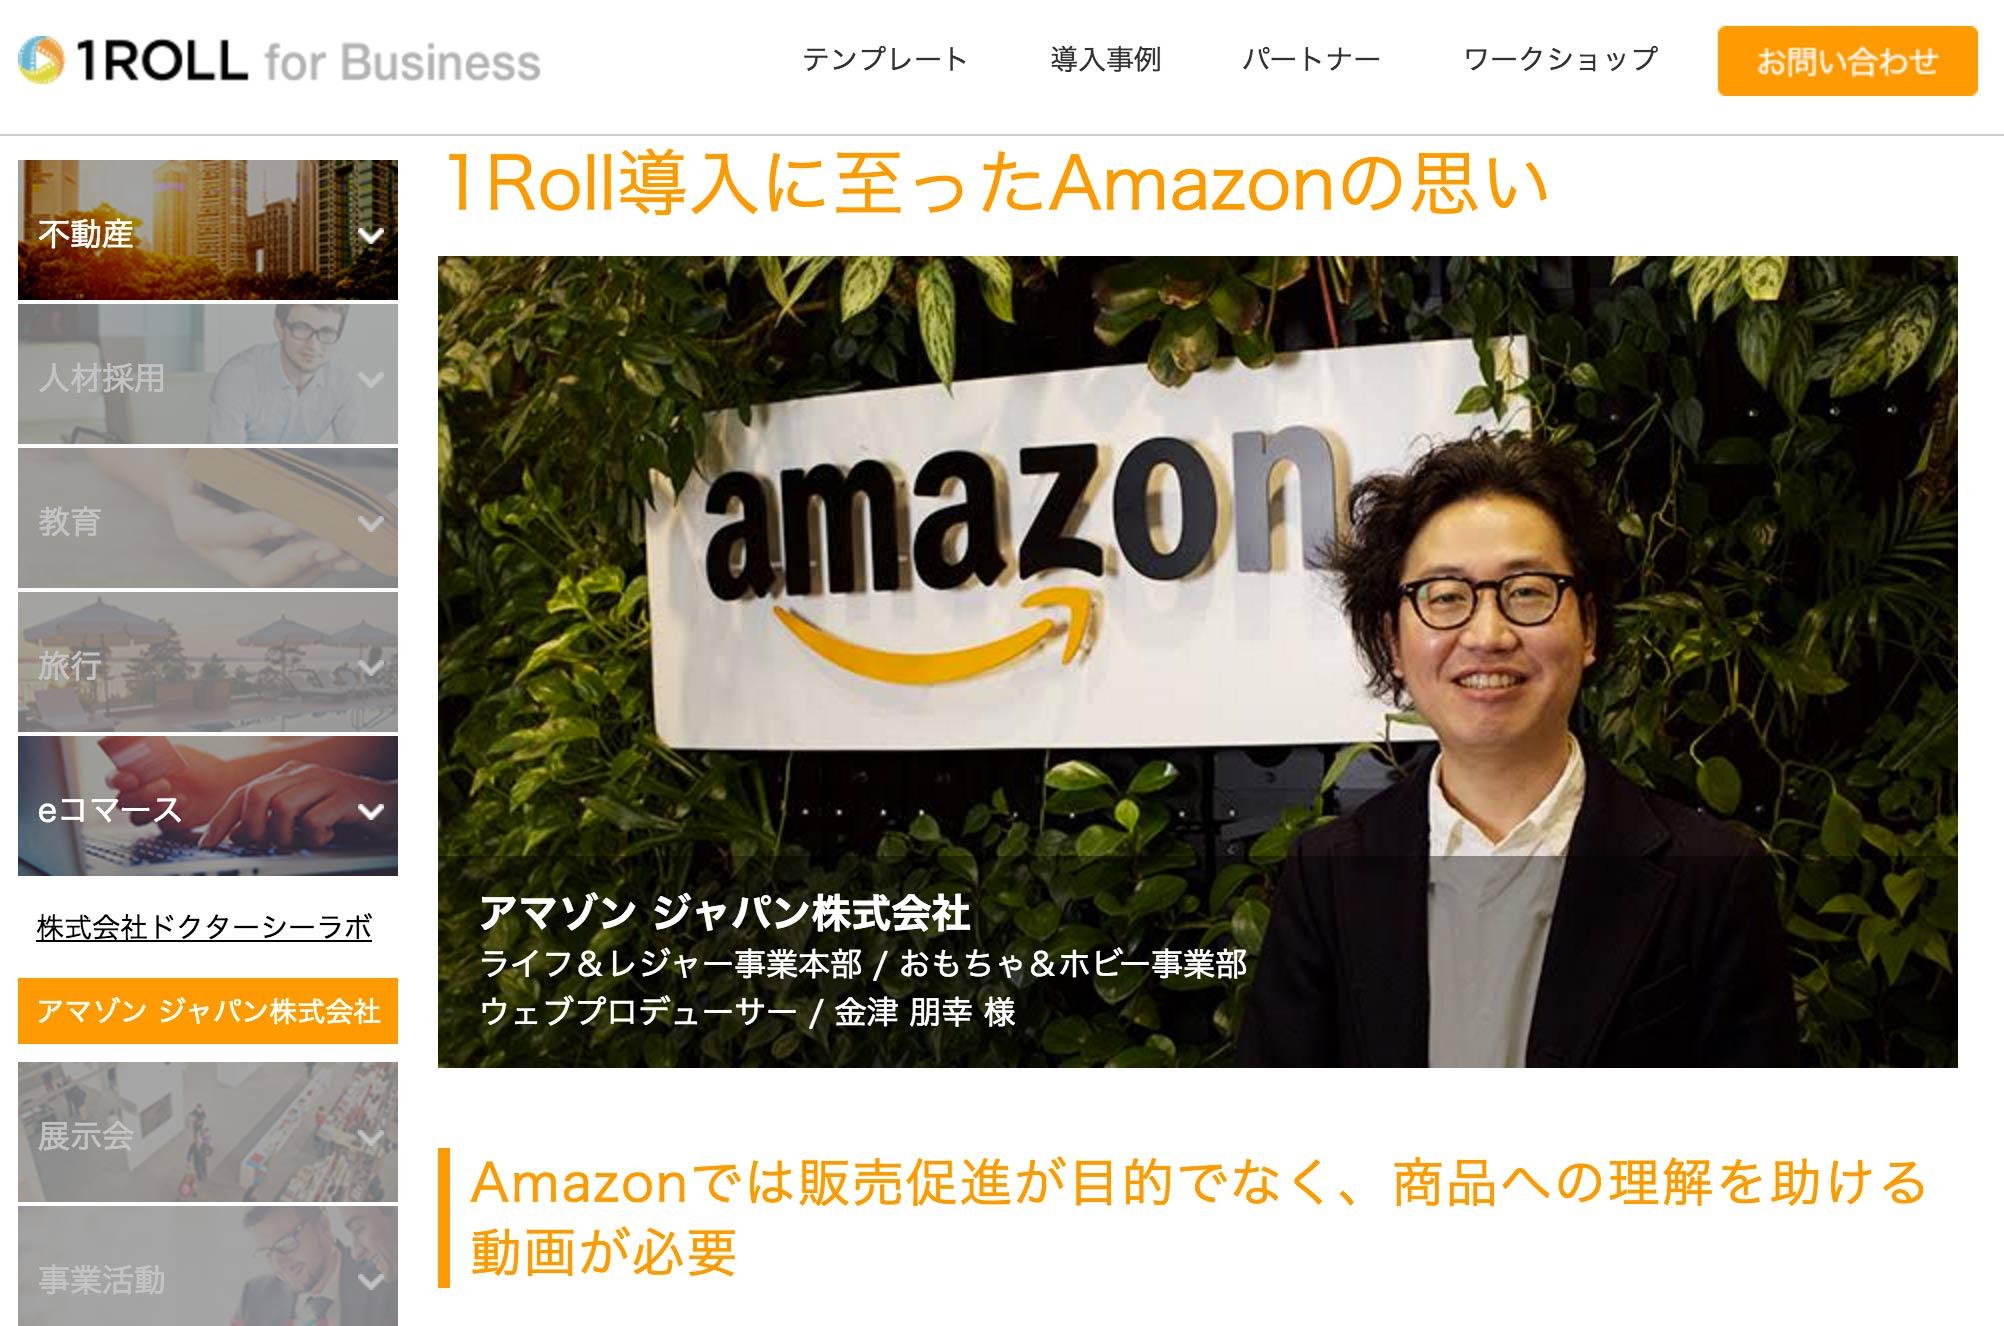 アマゾンジャパン株式会社1Roll導入事例